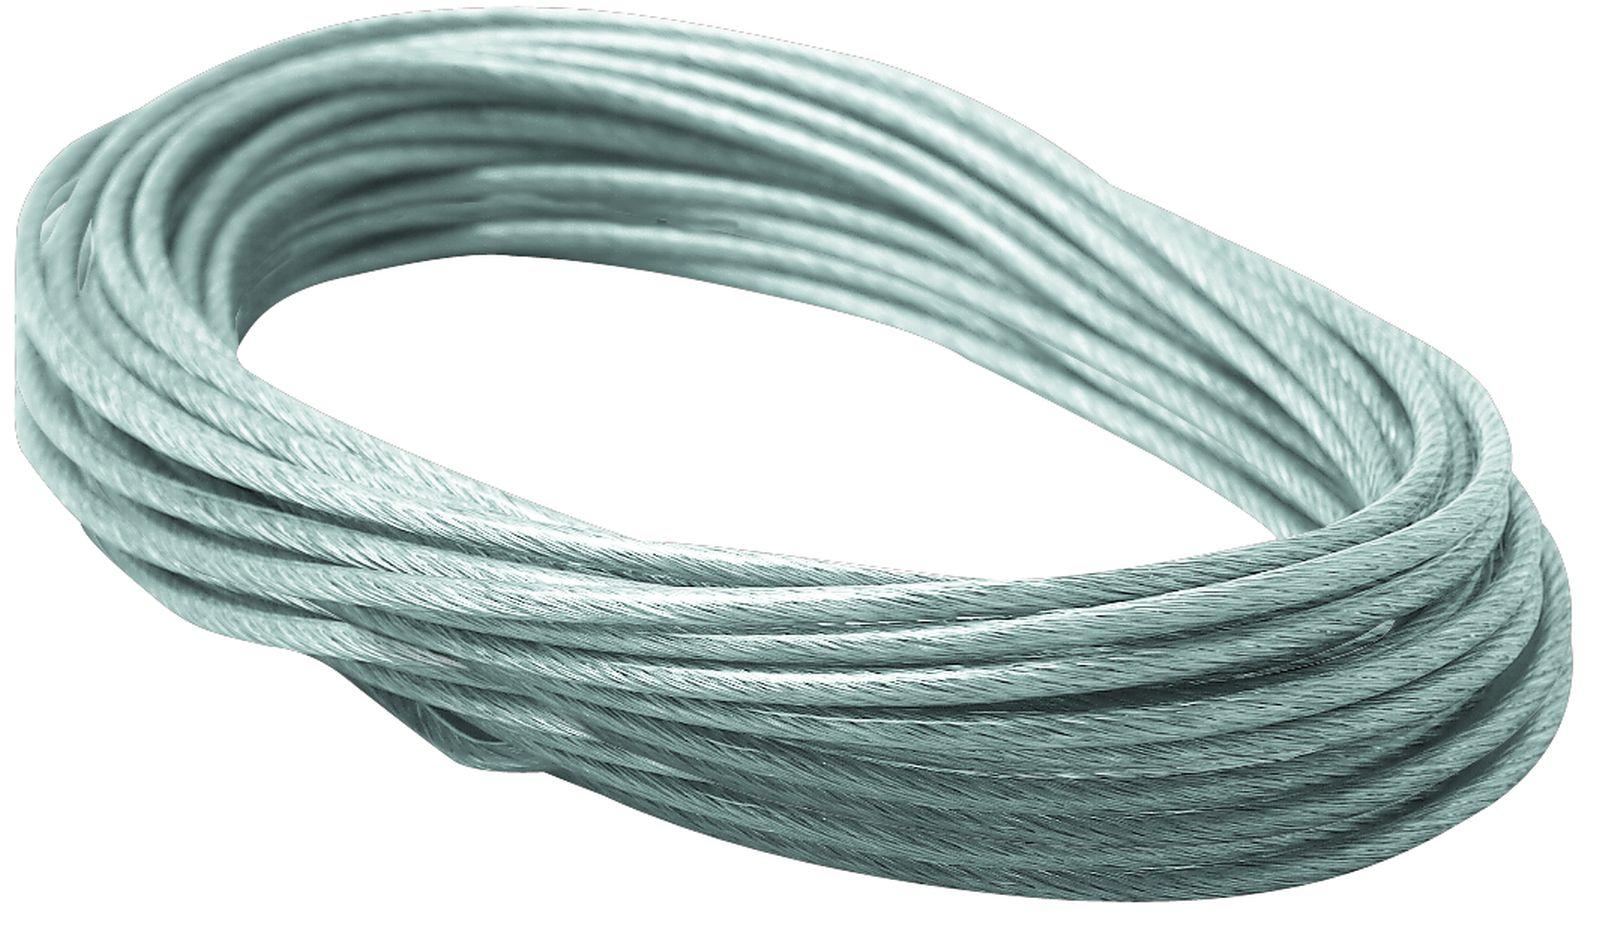 PaulmannSeil-Zubehör, Spannseil isoliert, 12m, 6mm², Klar